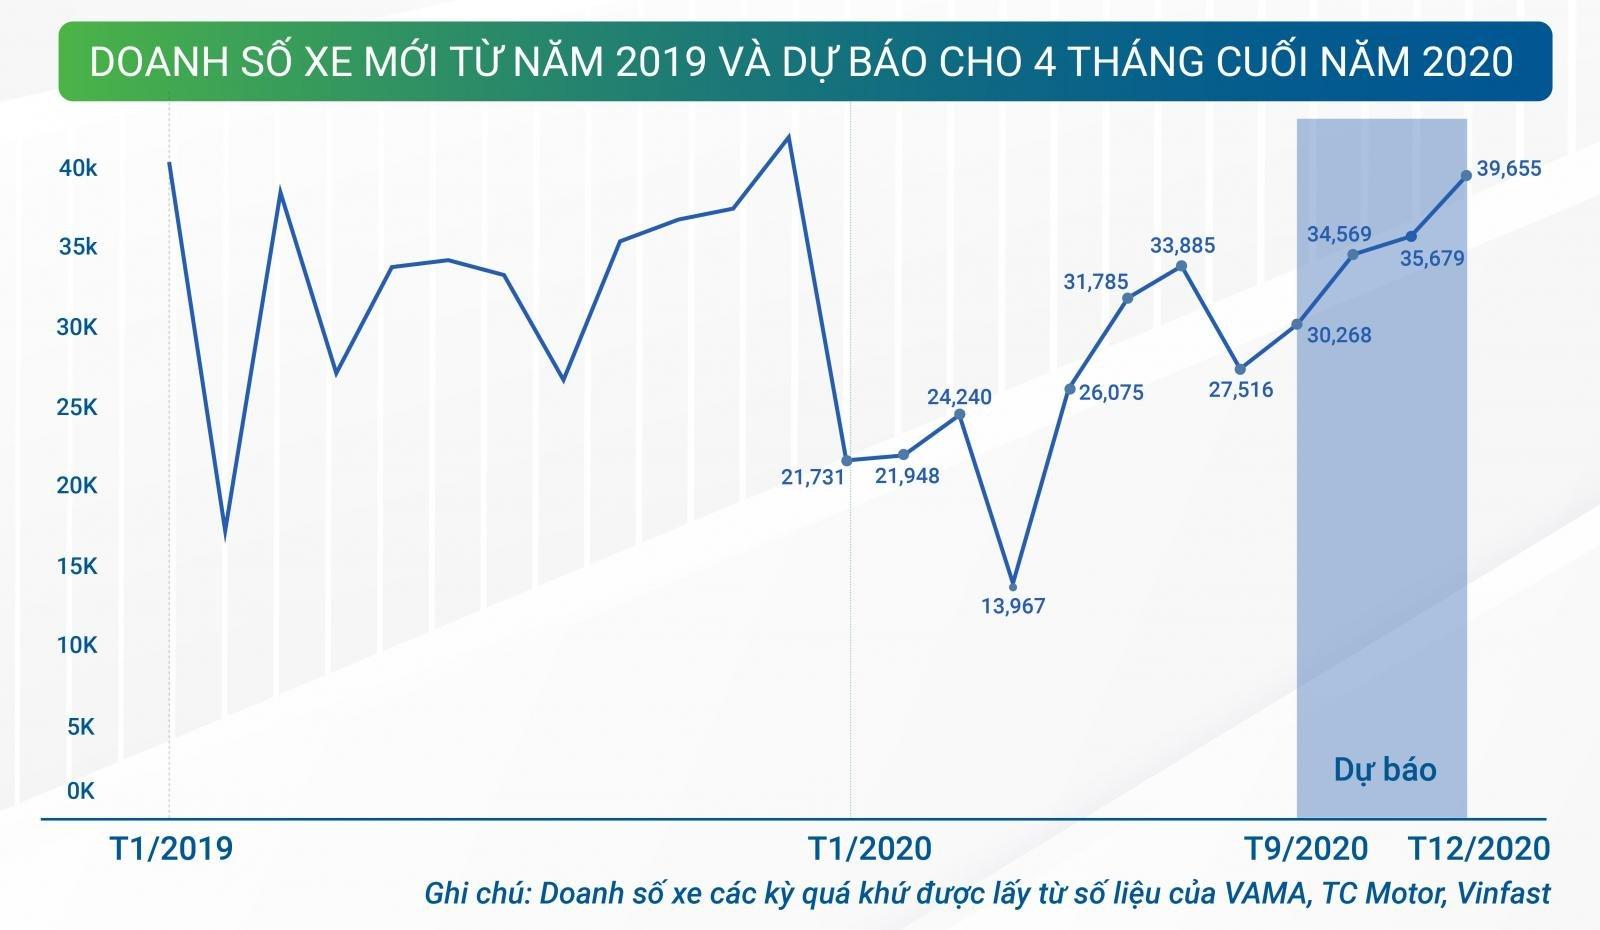 Báo cáo thị trường ô tô và hành vi người dùng 8 tháng đầu năm 2020 - Ảnh 7.